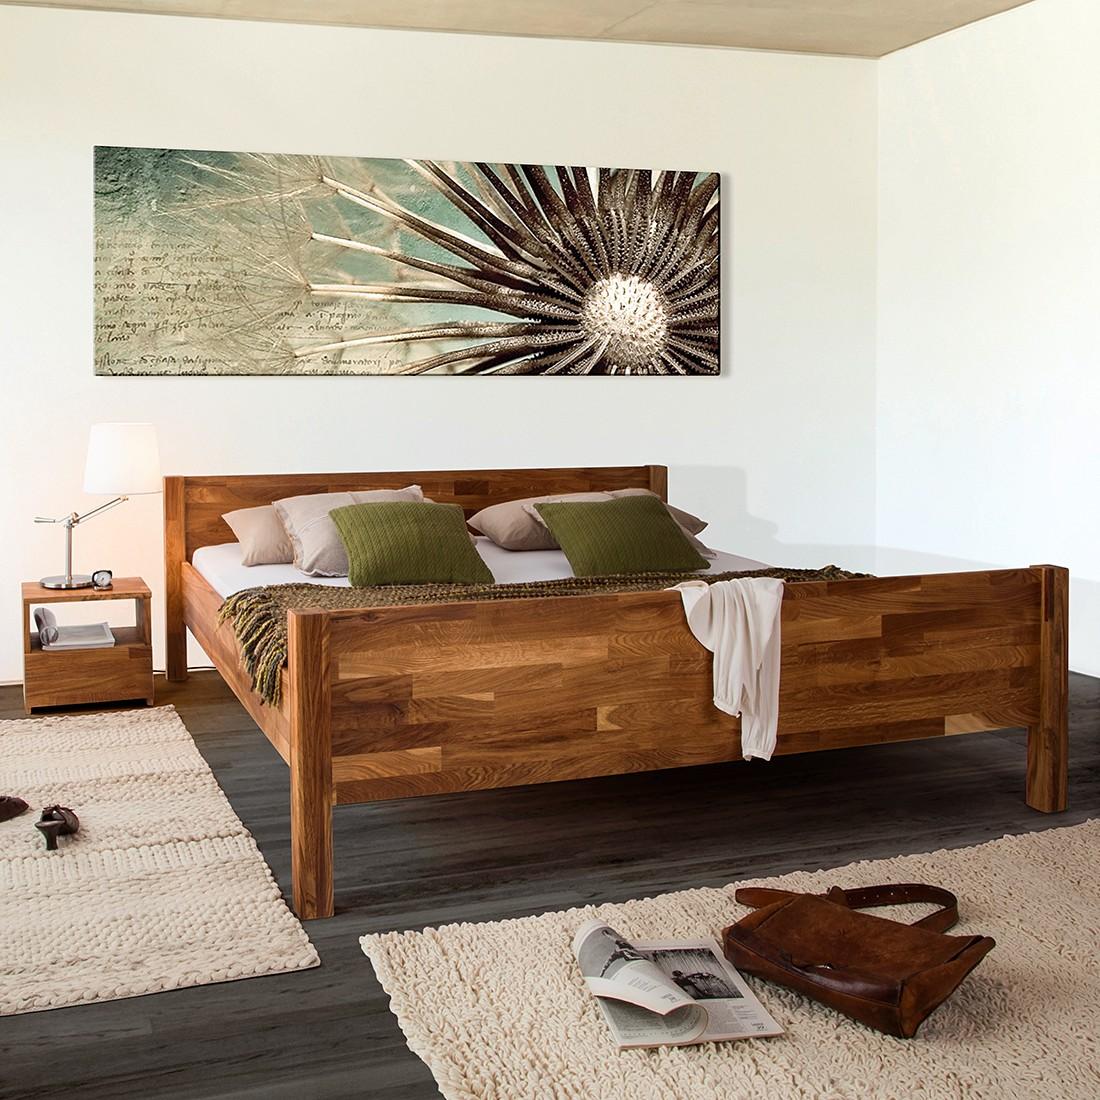 home24 Ars Natura Massivholzbett JohnWOOD 180x200 cm Massivholz Eiche